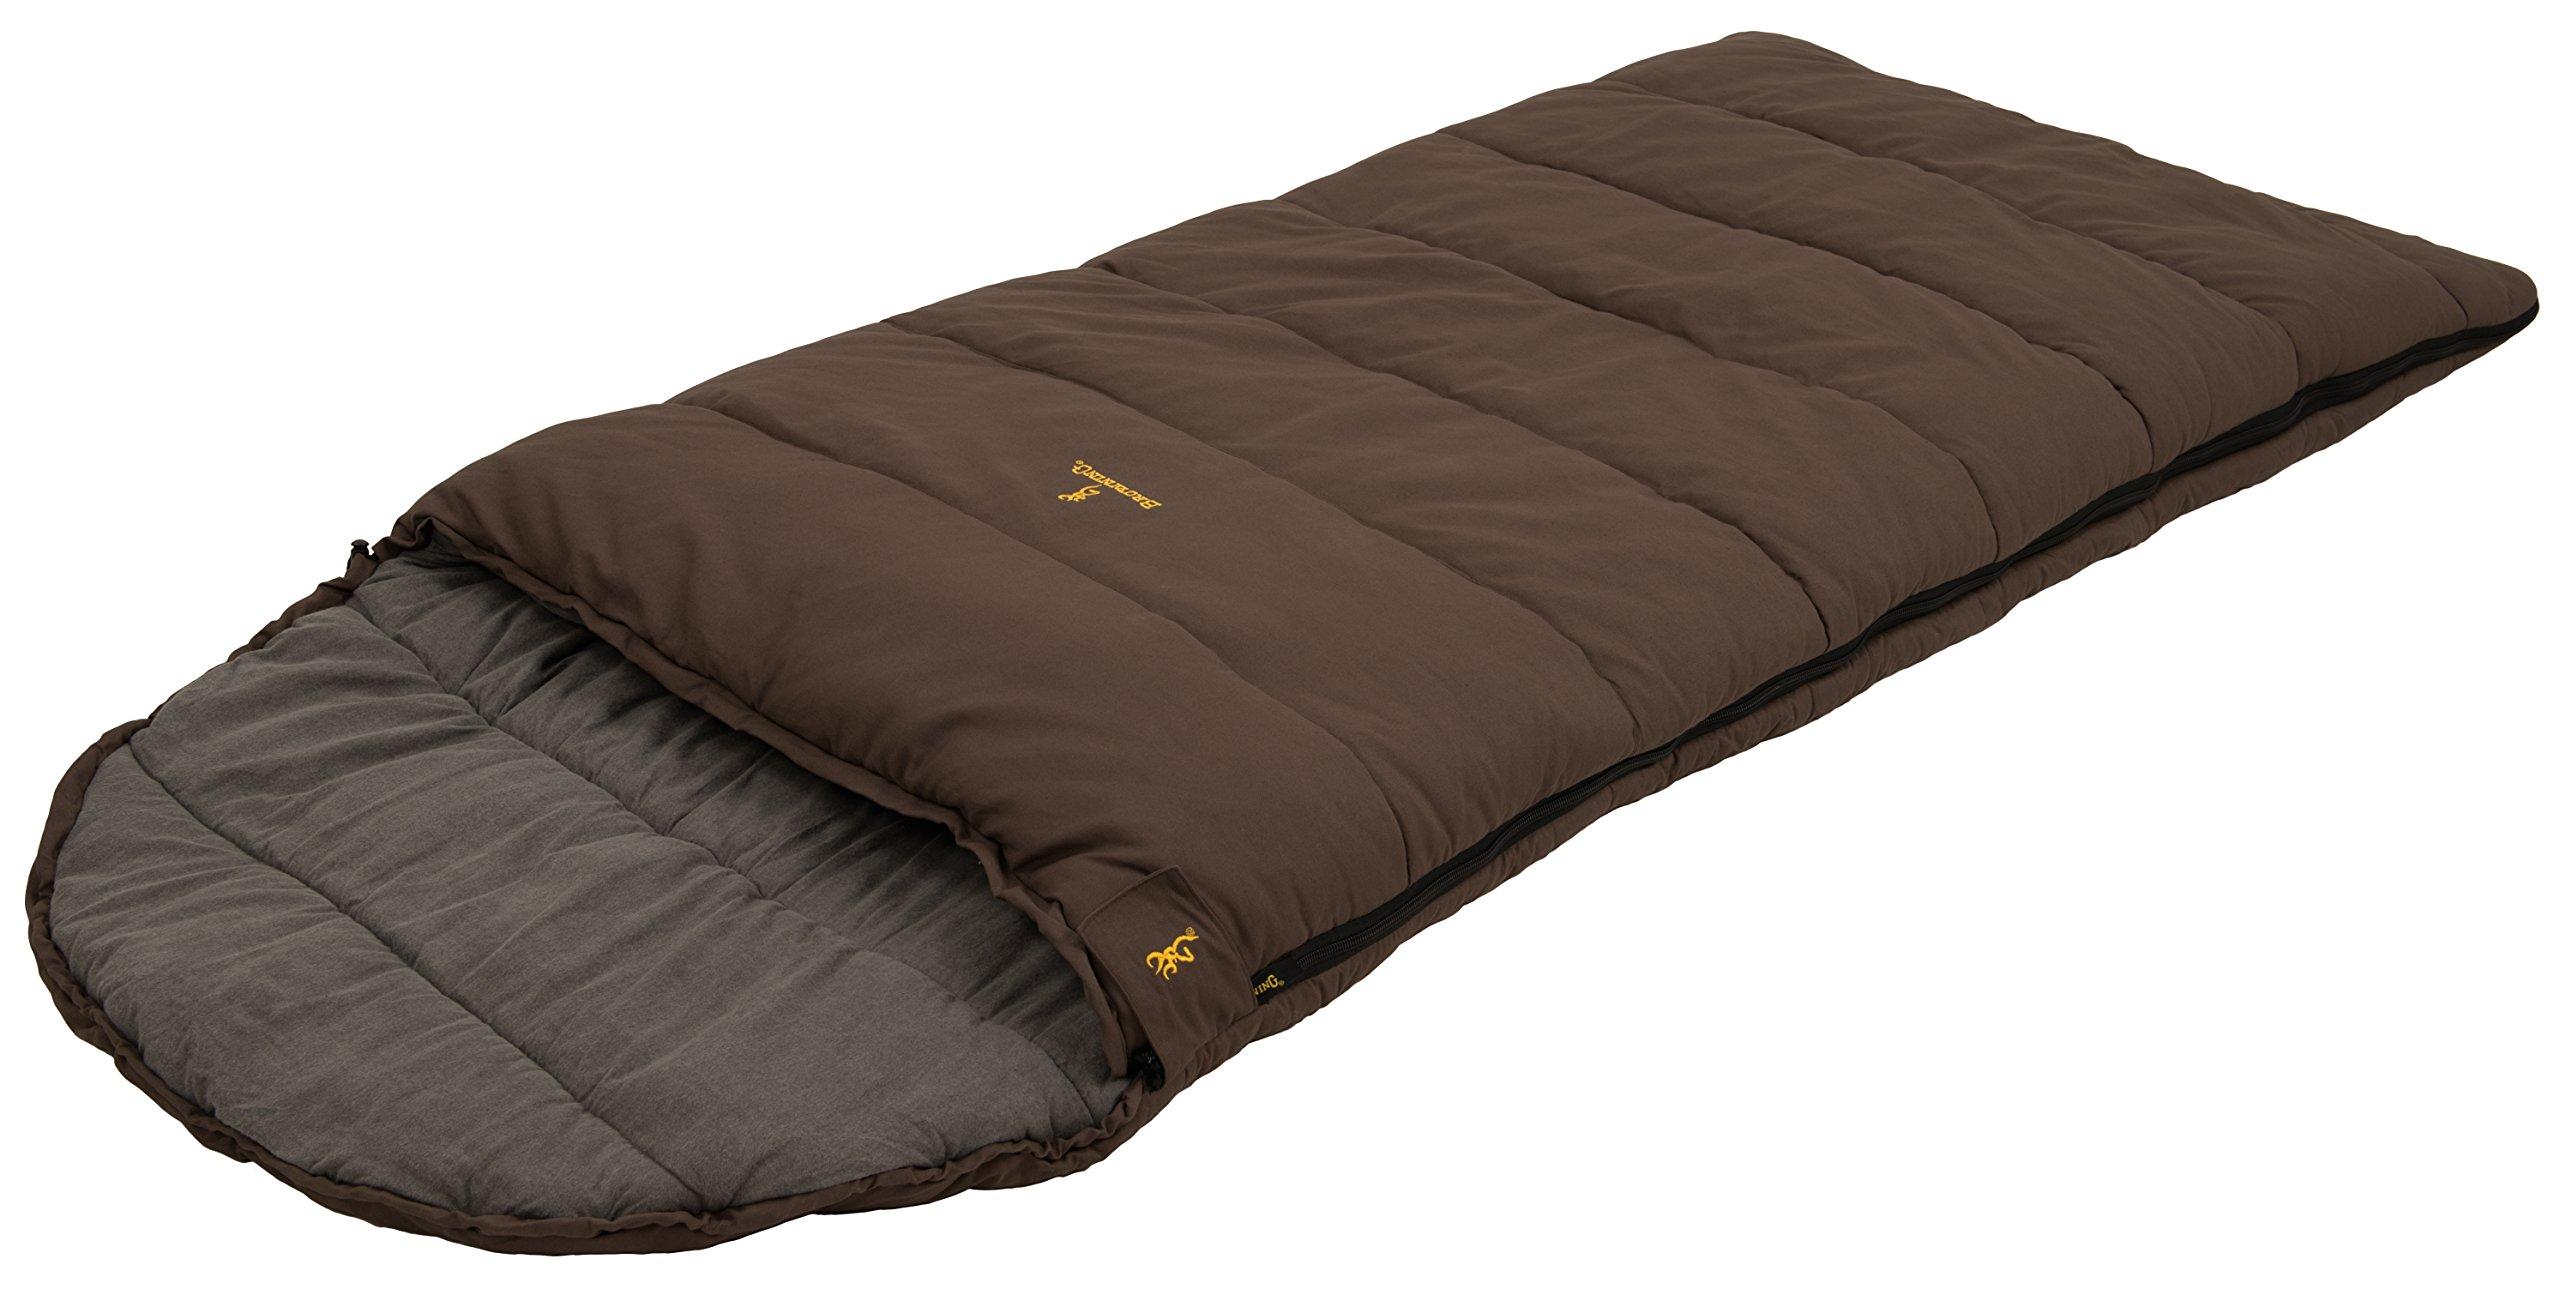 Browning Camping Klondike -30 Degree Sleeping Bag by Browning Camping (Image #1)